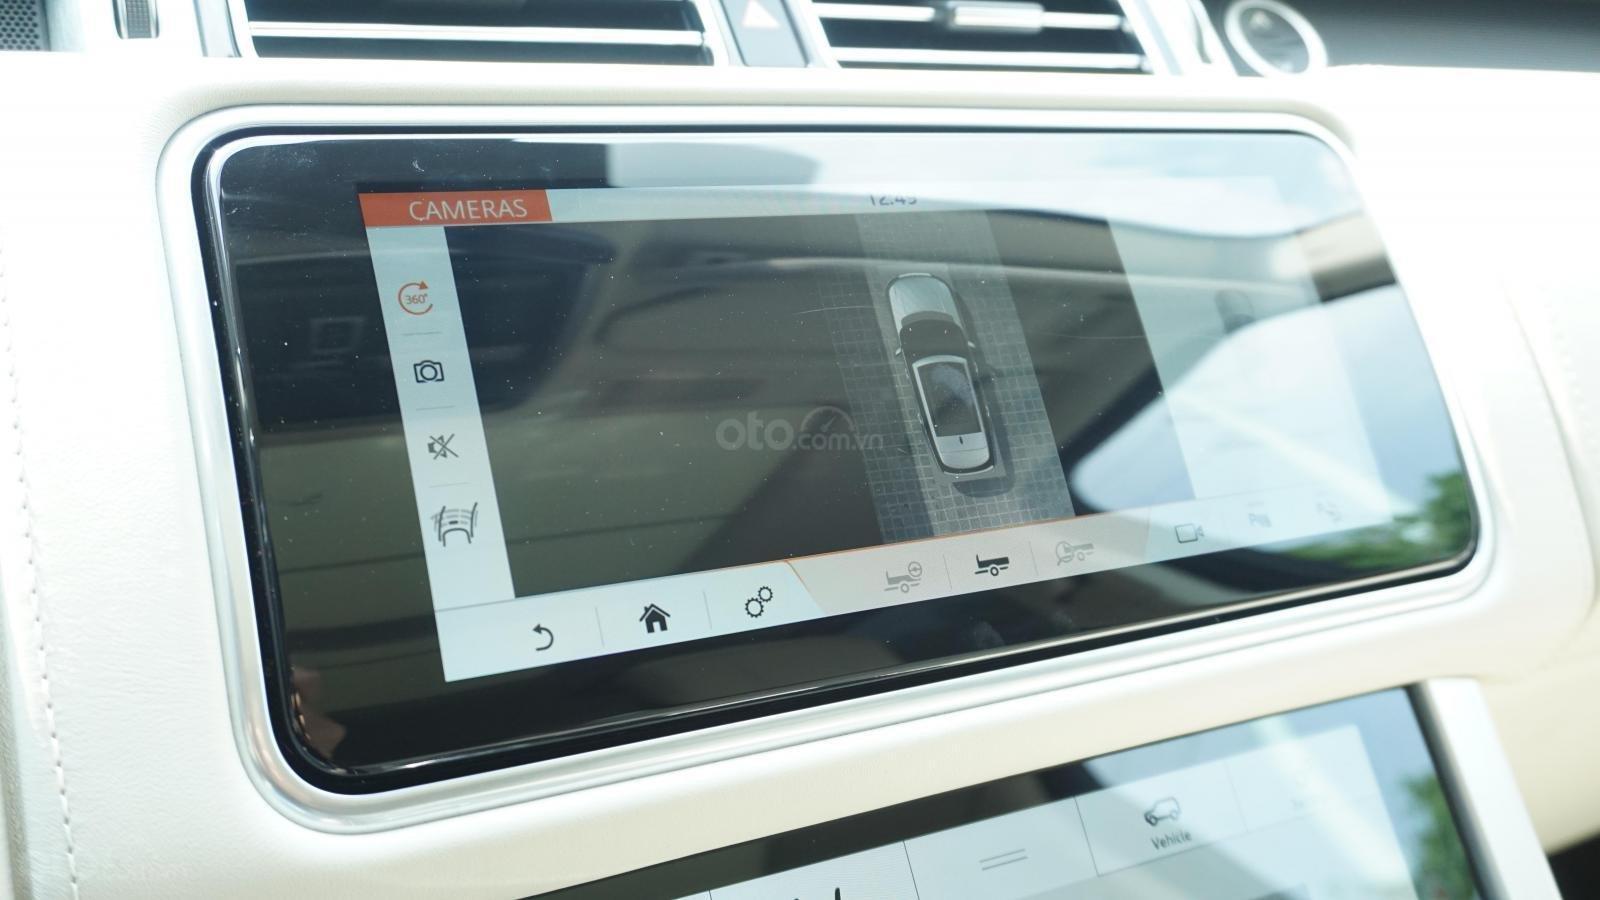 Range Rover Autobiography LWB 2020, Hồ Chí Minh, giá tốt giao xe ngay toàn quốc, LH trực tiếp 0844.177.222 (15)